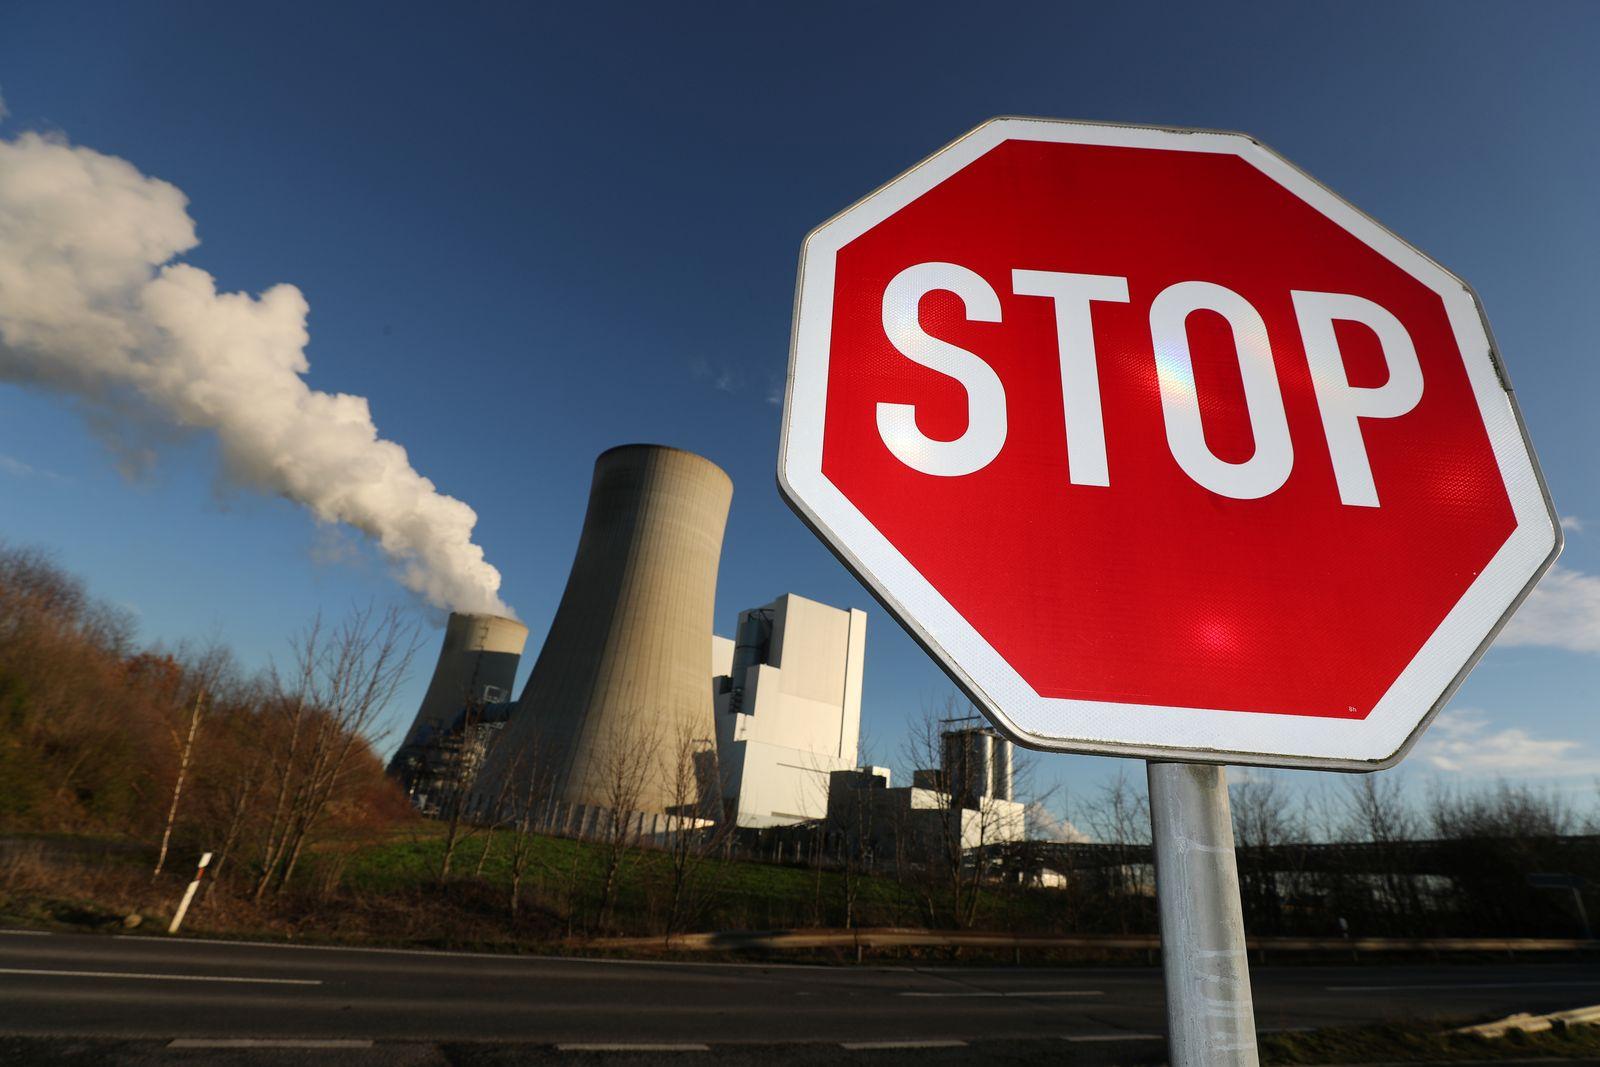 RWE / Kohle / Kraftwerk / Stopschild